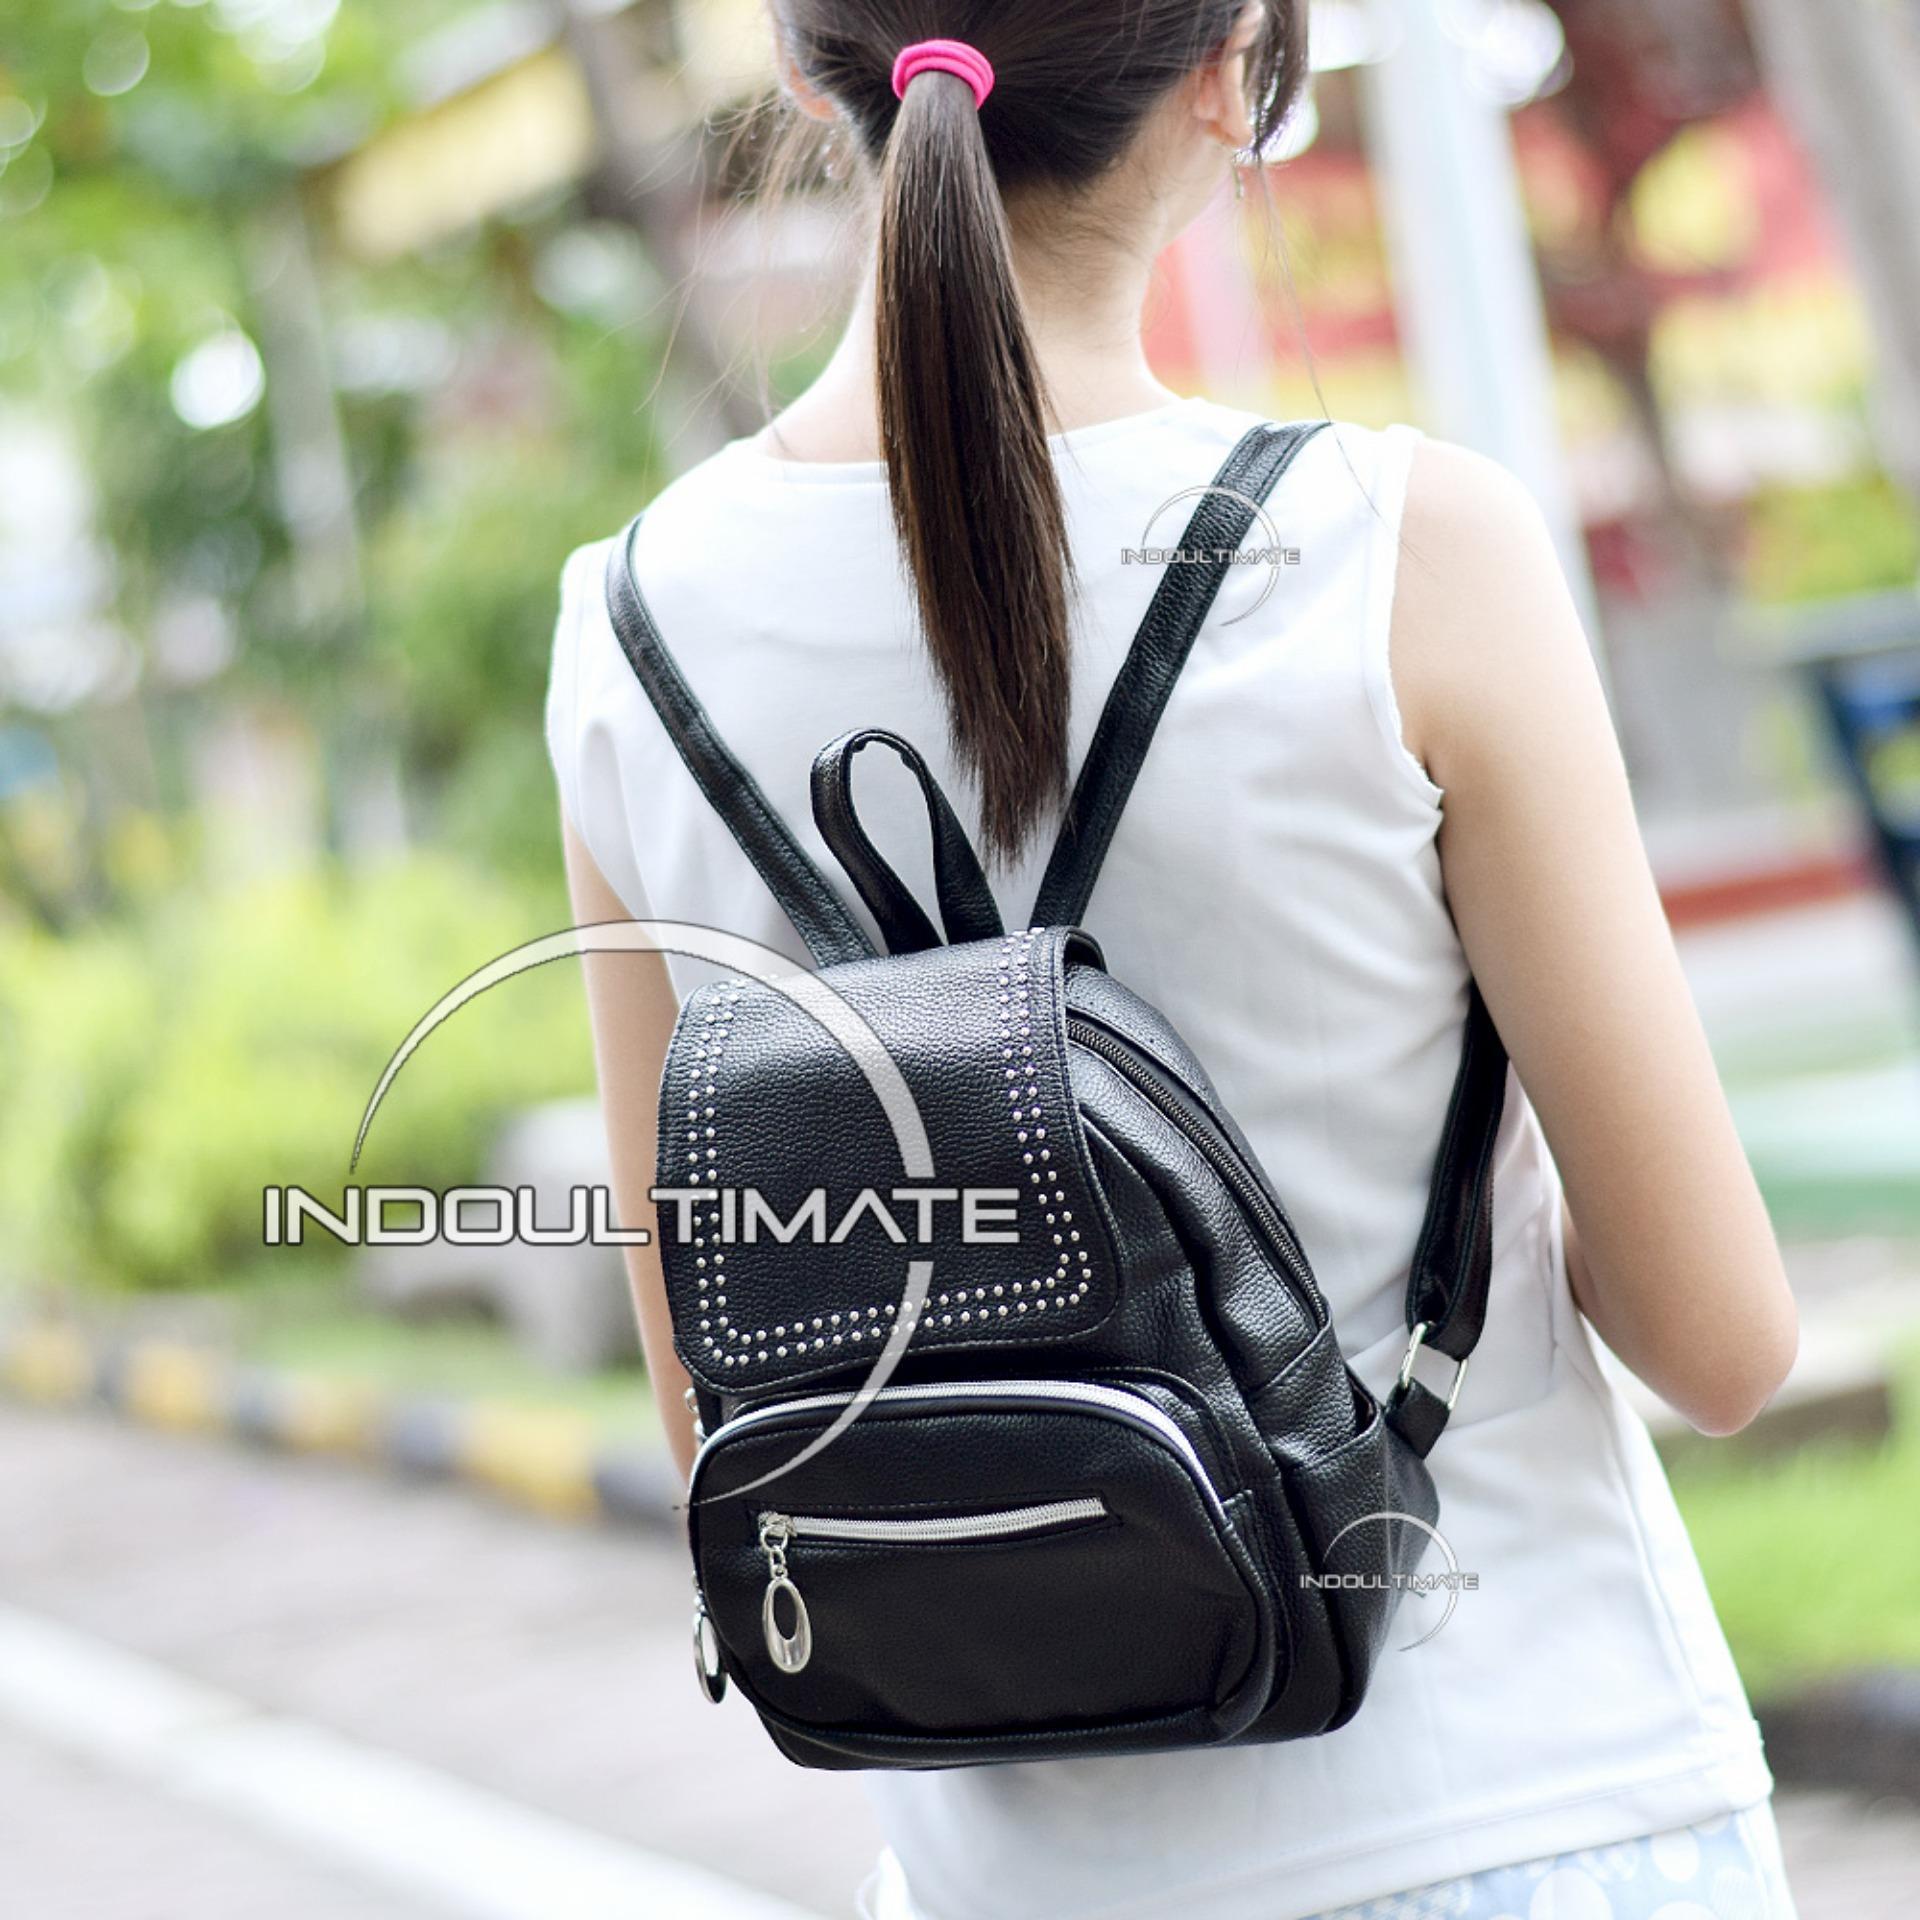 Dimana Beli Tas Ransel Wanita Tas Fashion Import Im Fs Jn 3303 Backpack Cewek Import Ultimate